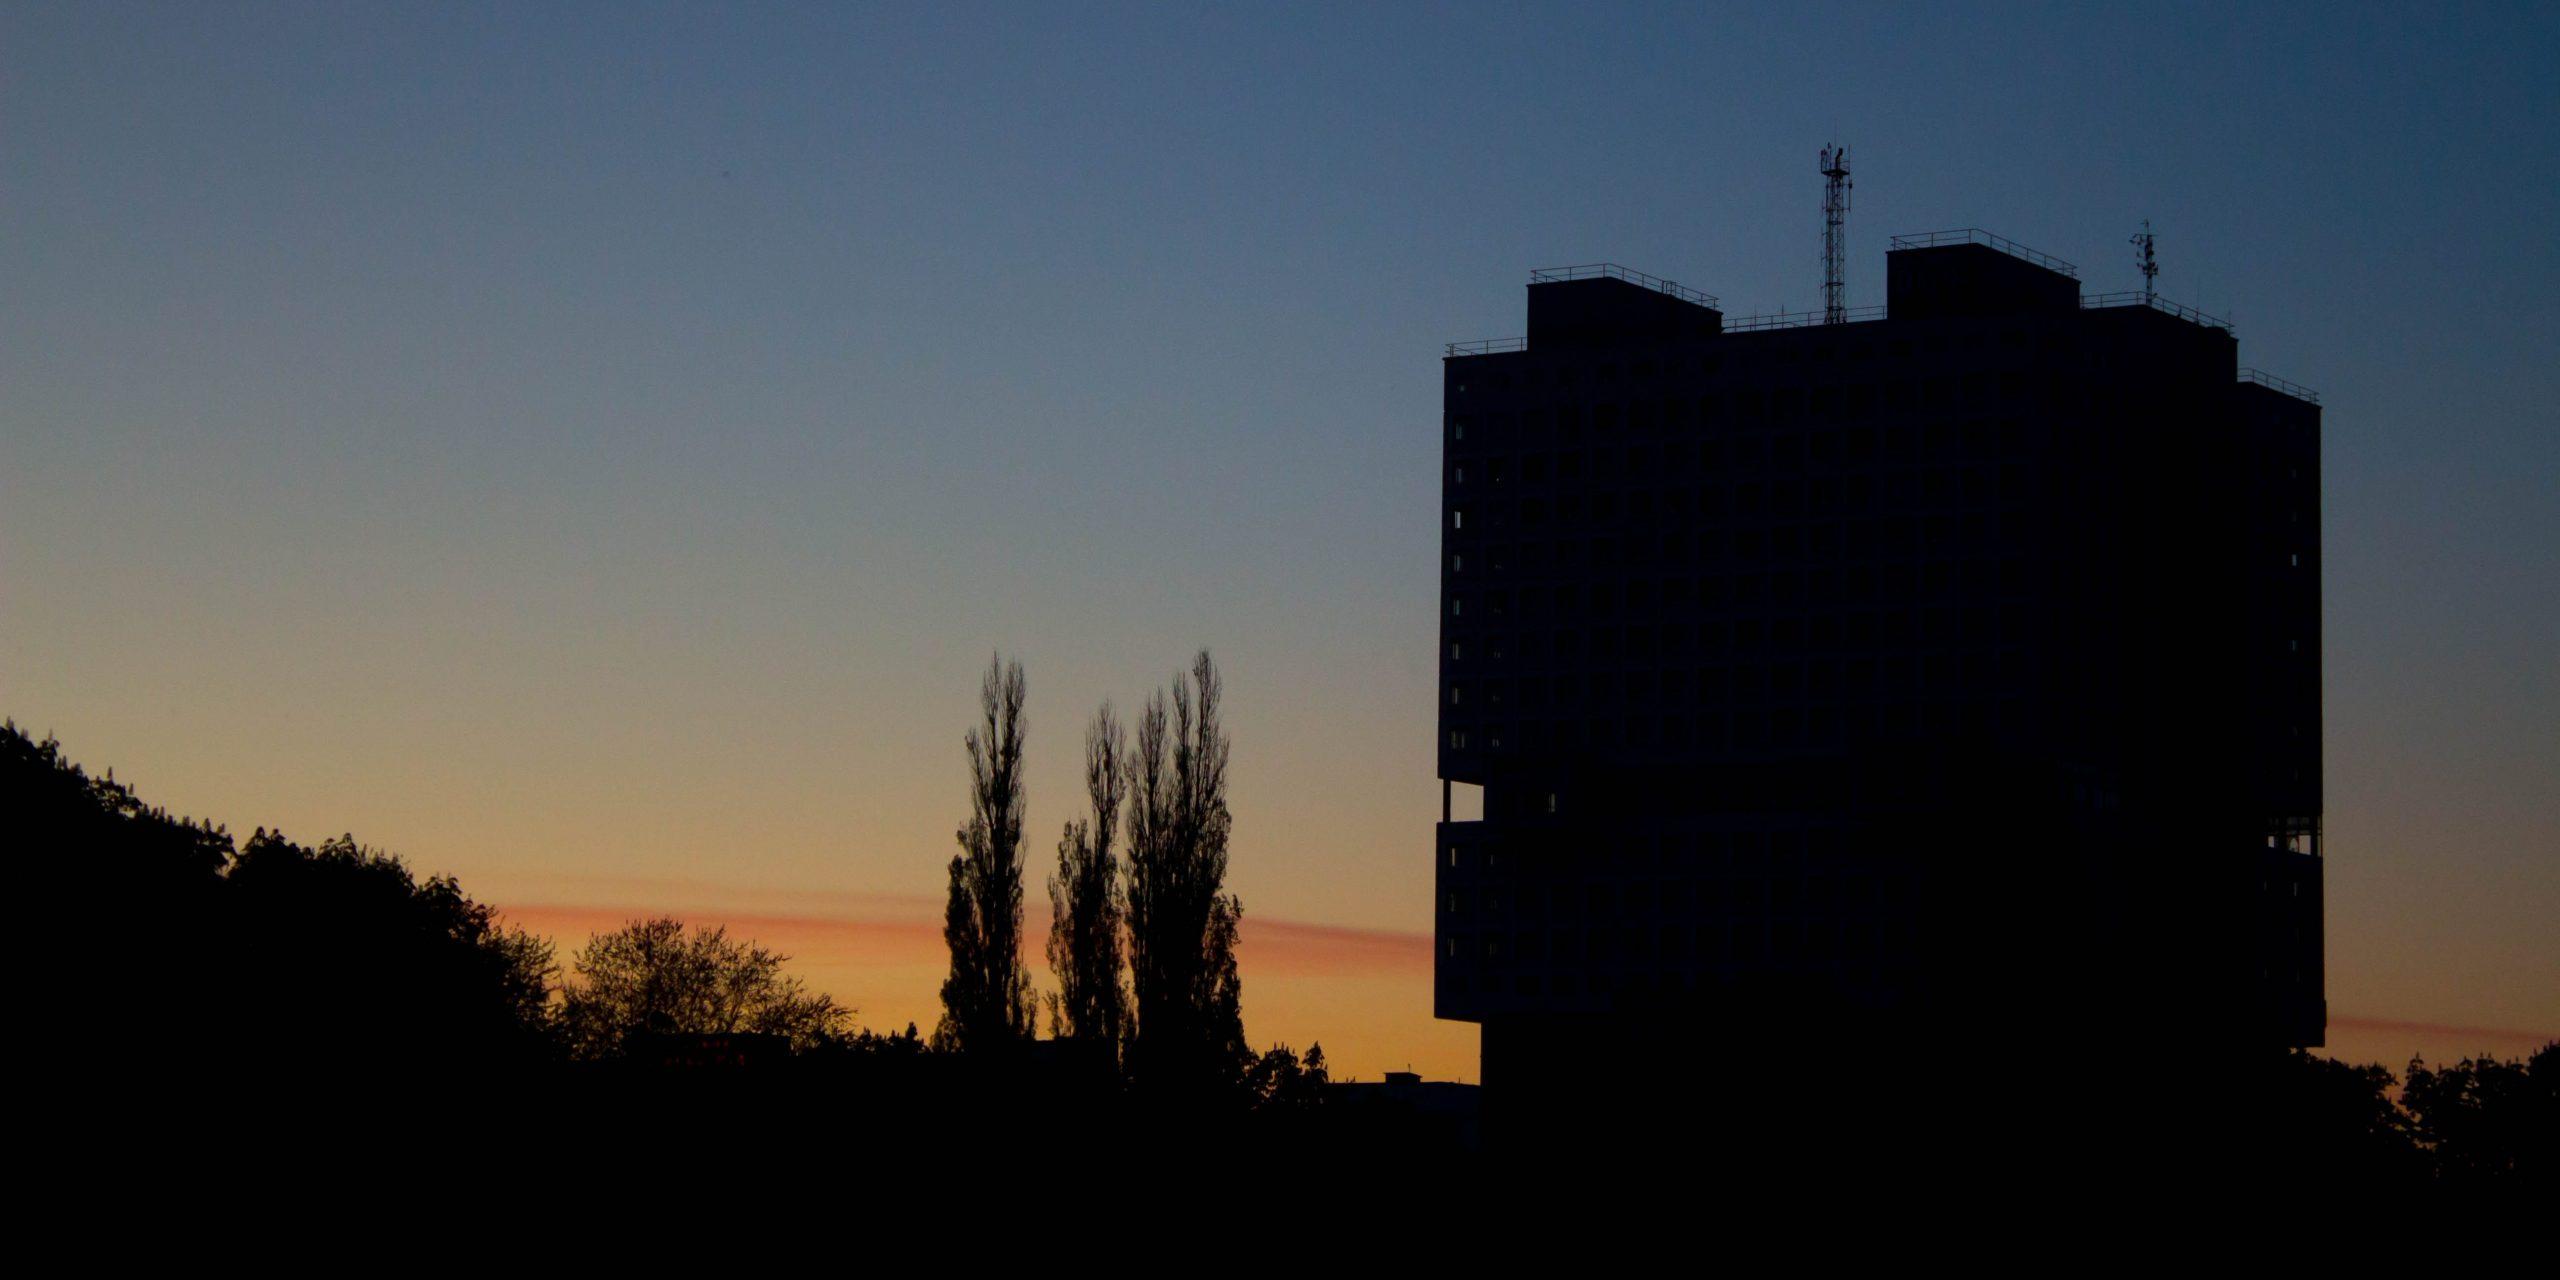 МТС и Корпорация развития Калининградской области заключили соглашение о партнерстве